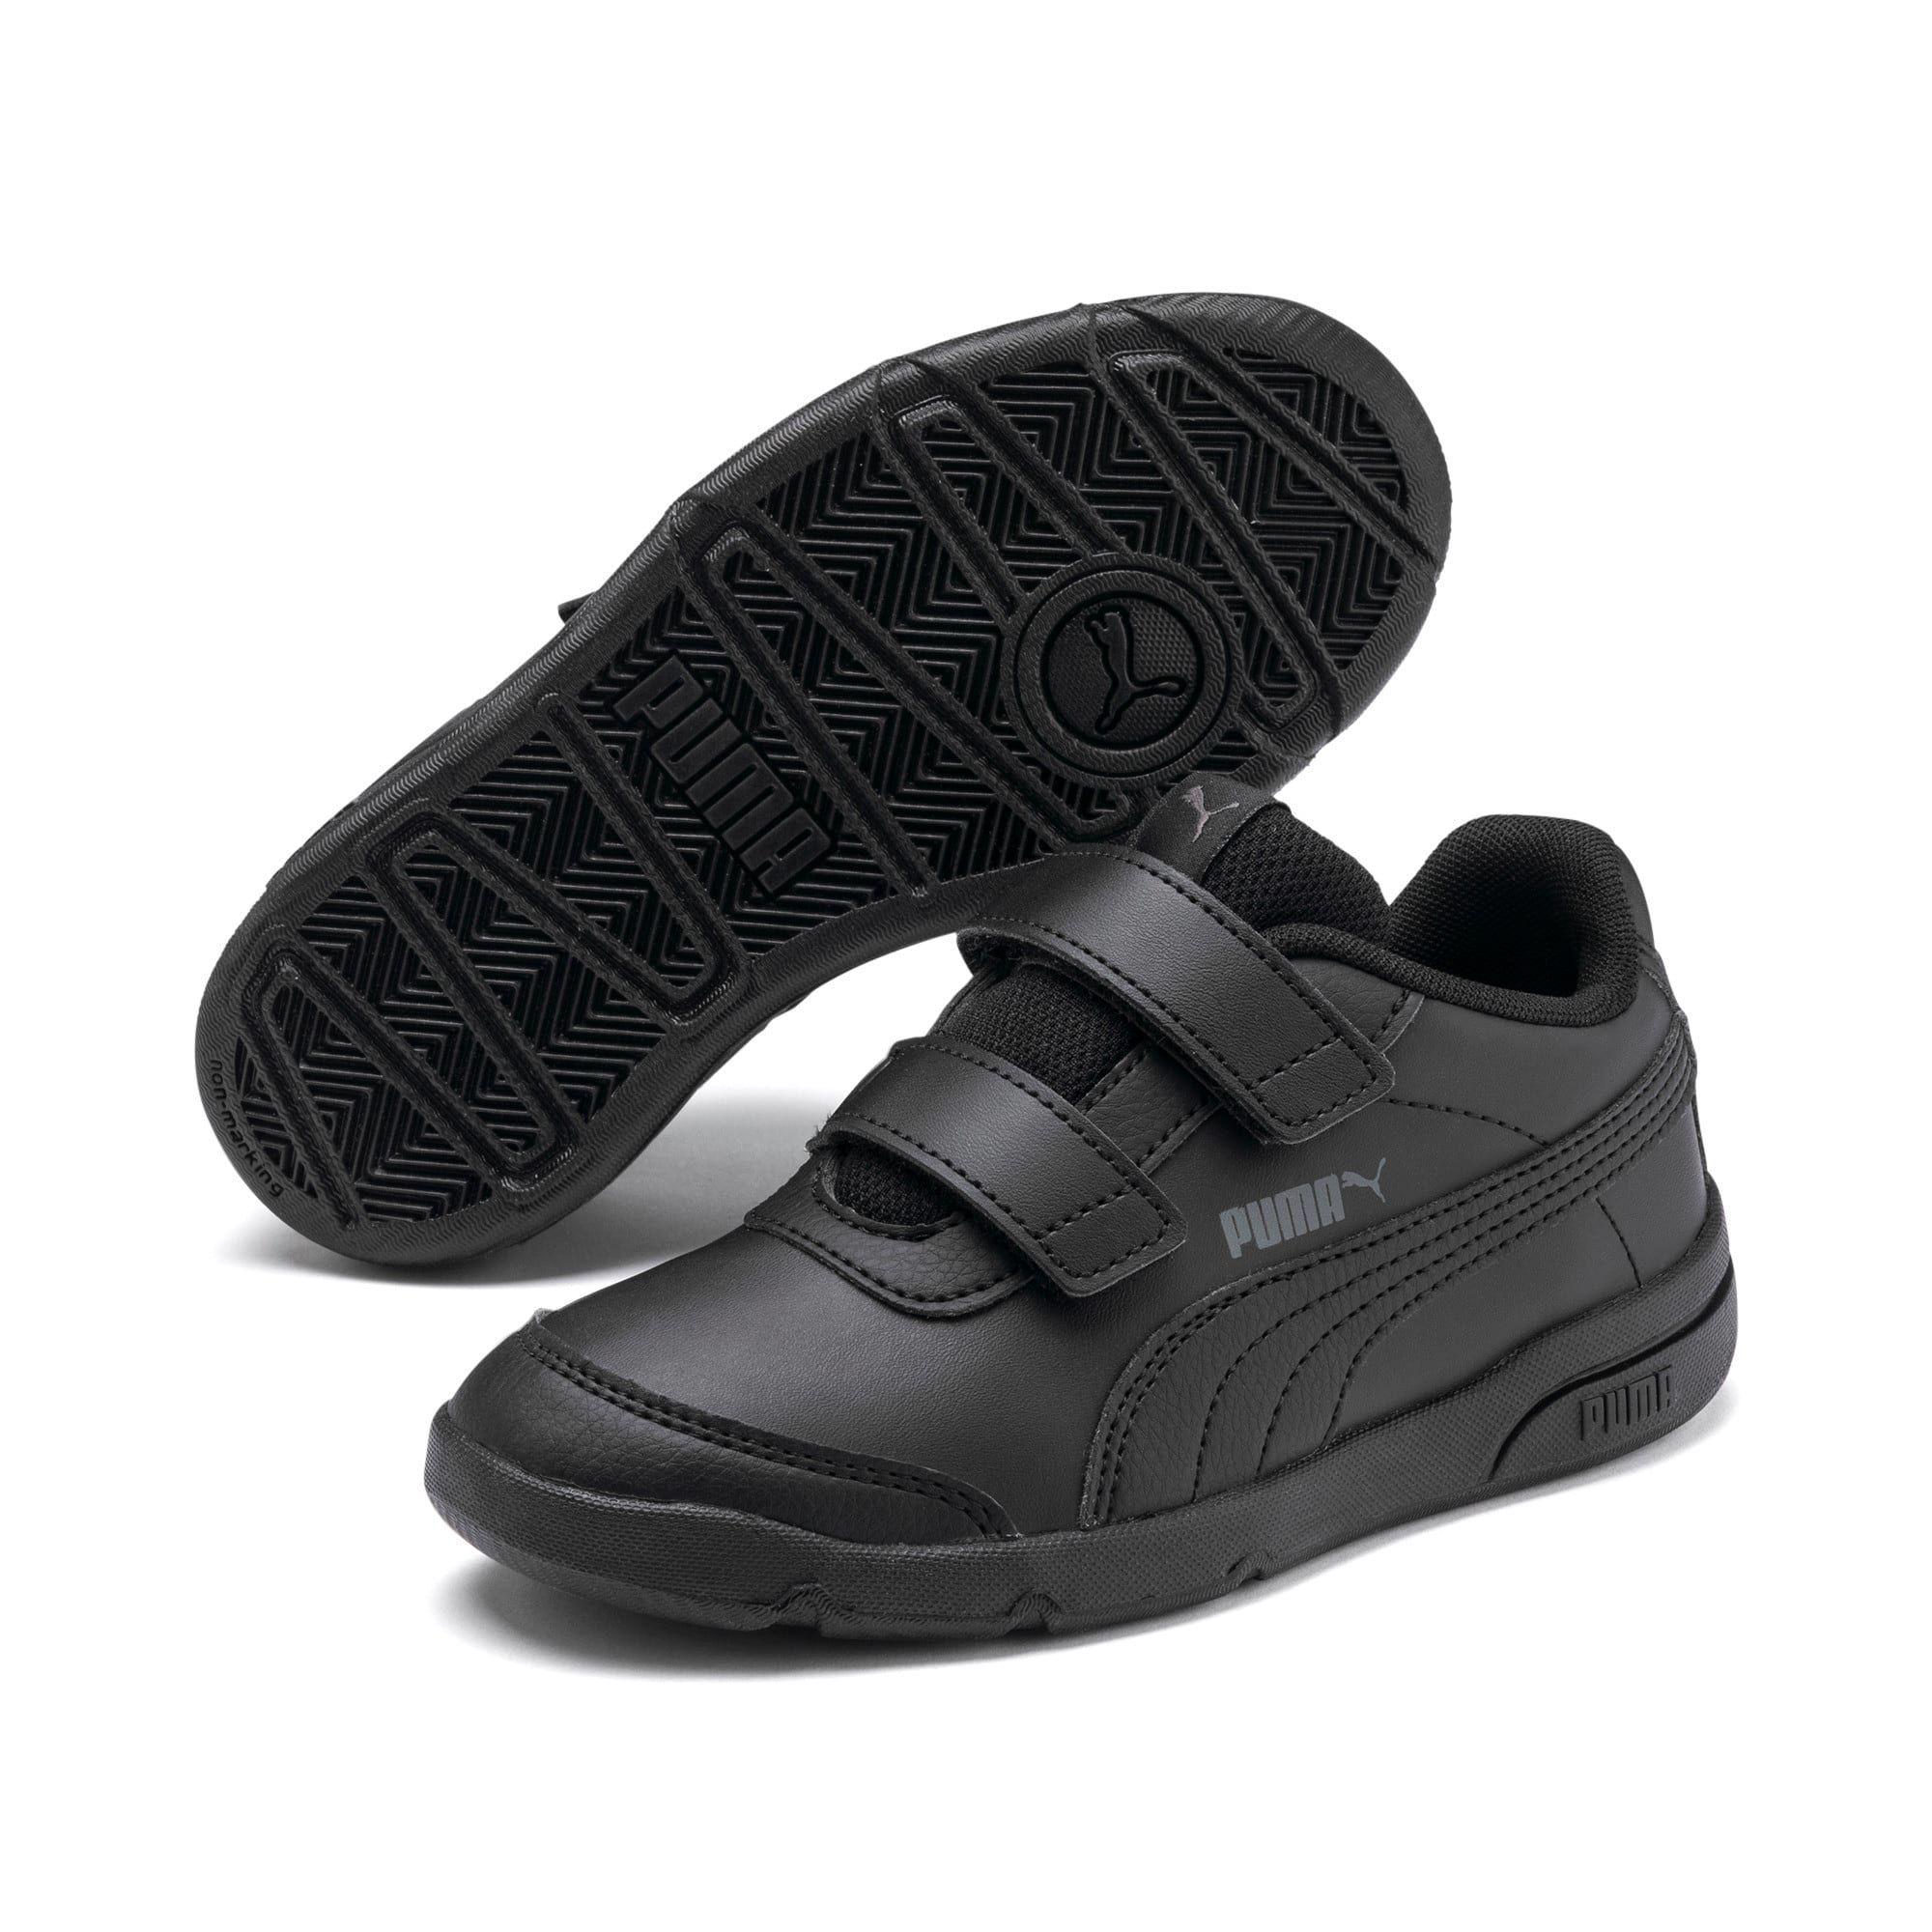 kids black puma trainers, OFF 72%,Best